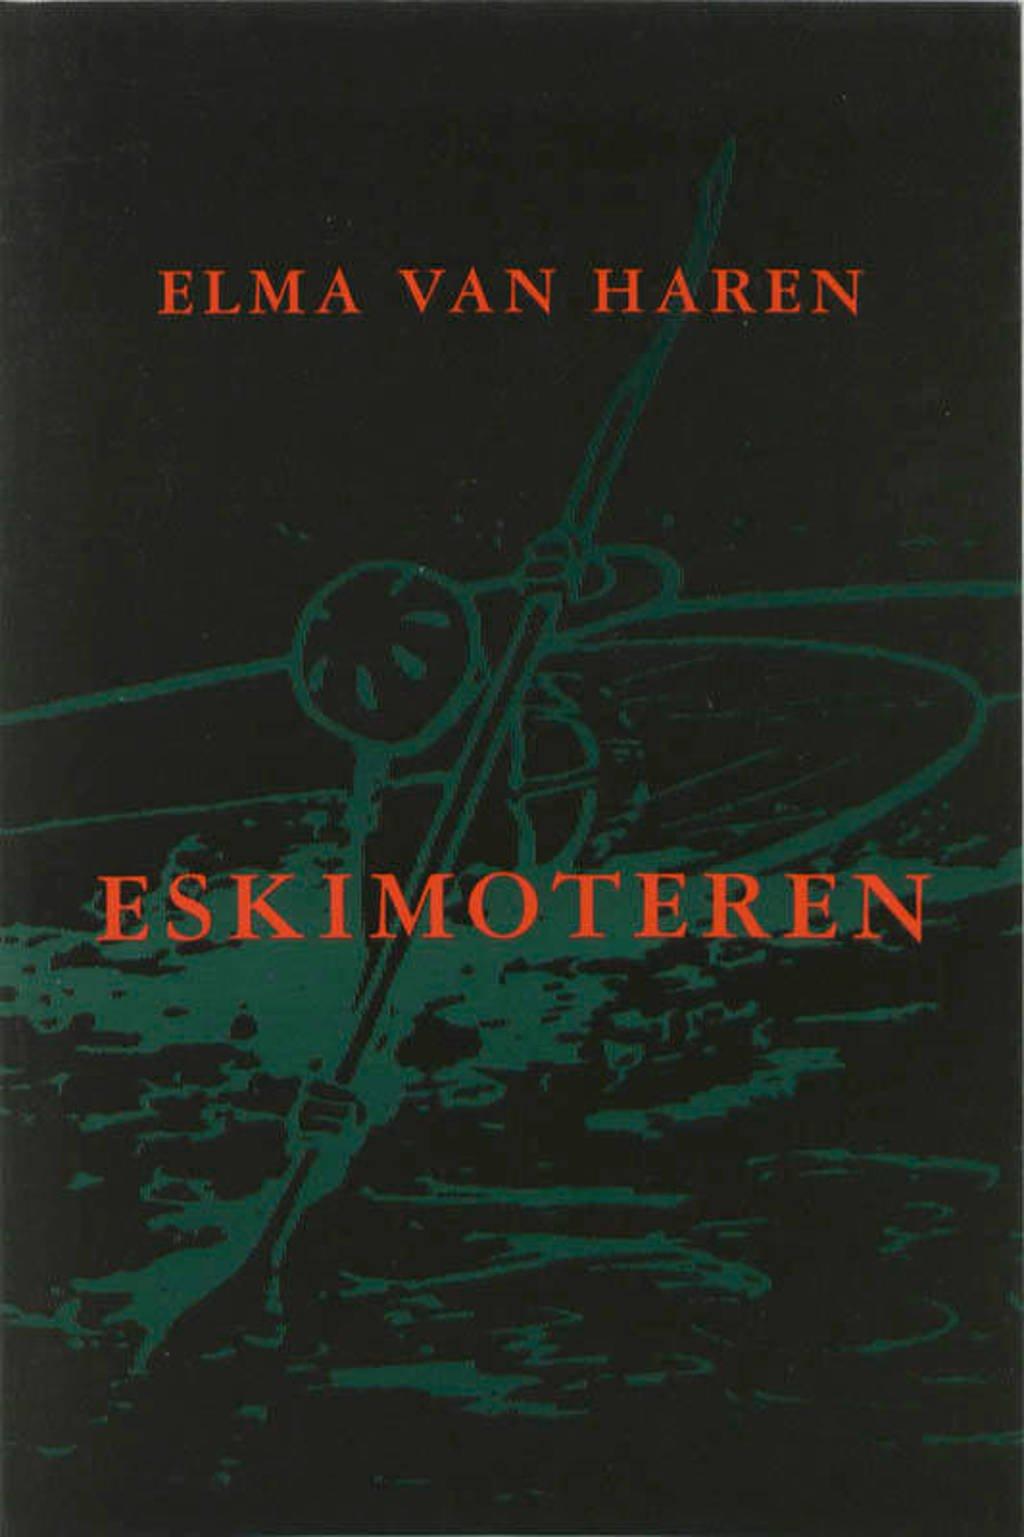 Eskimoteren - E. van Haren